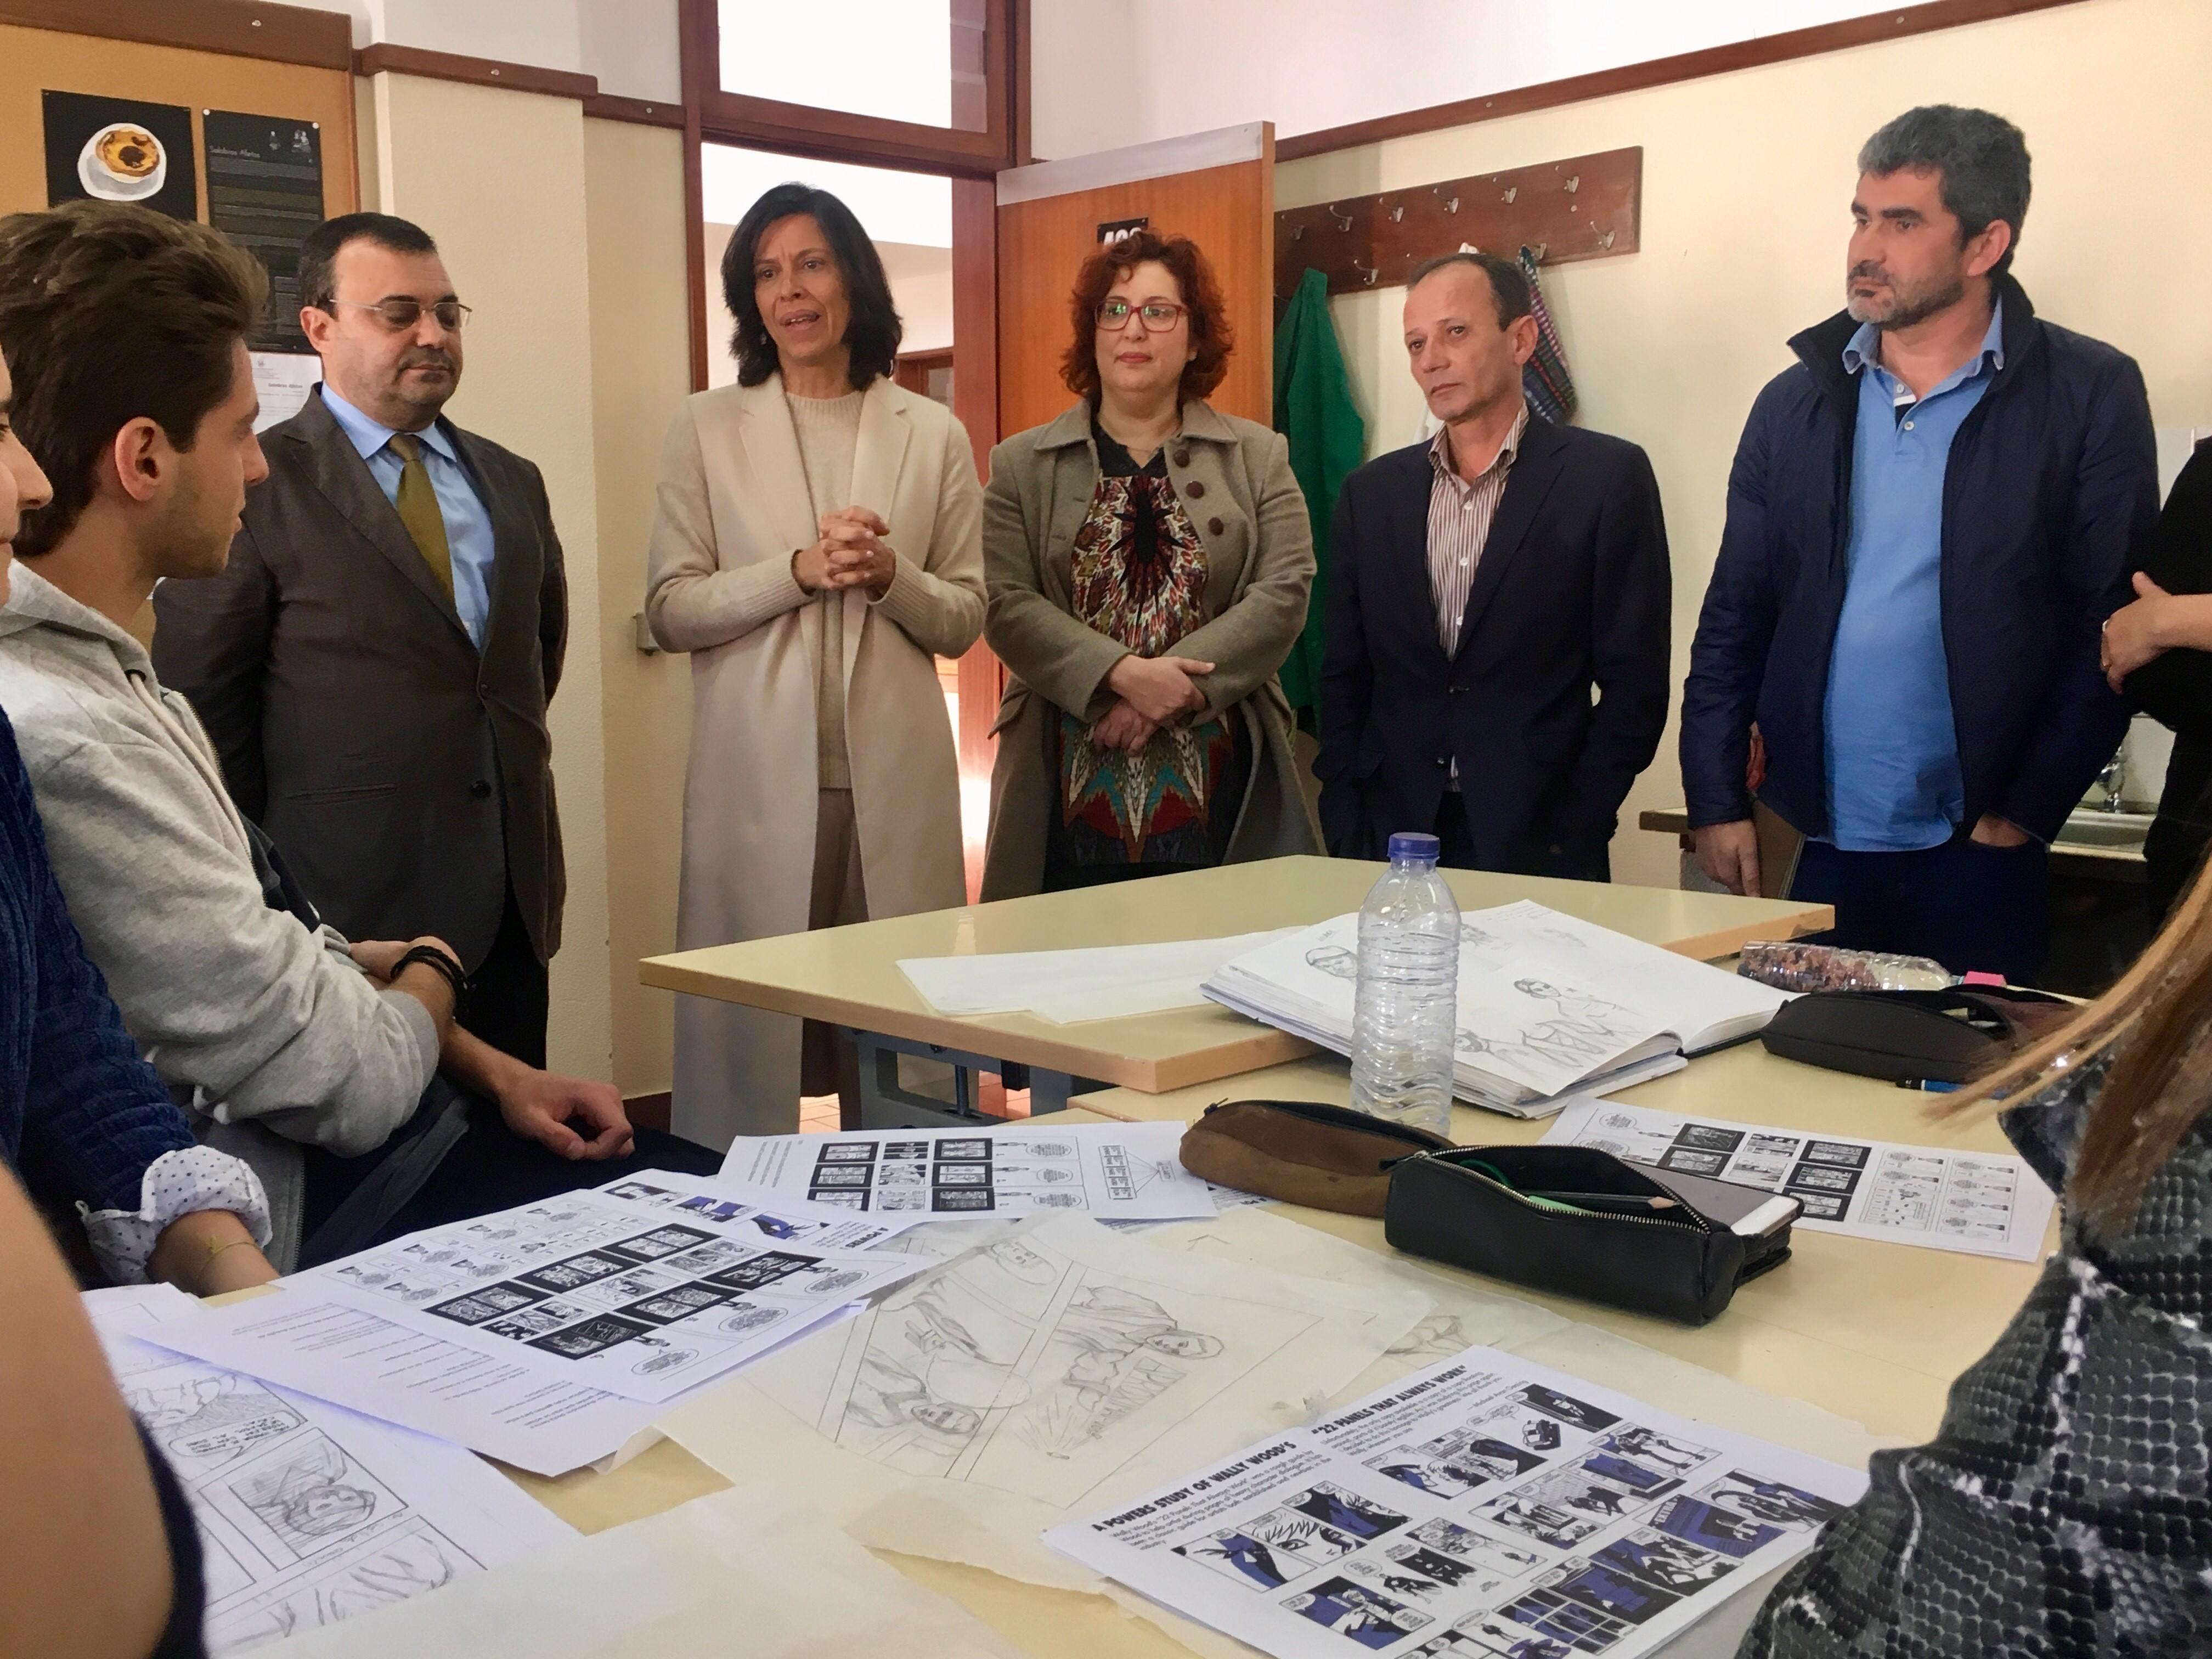 Projeto de Banda Desenhada reforça envolvimento da comunidade nestas celebrações